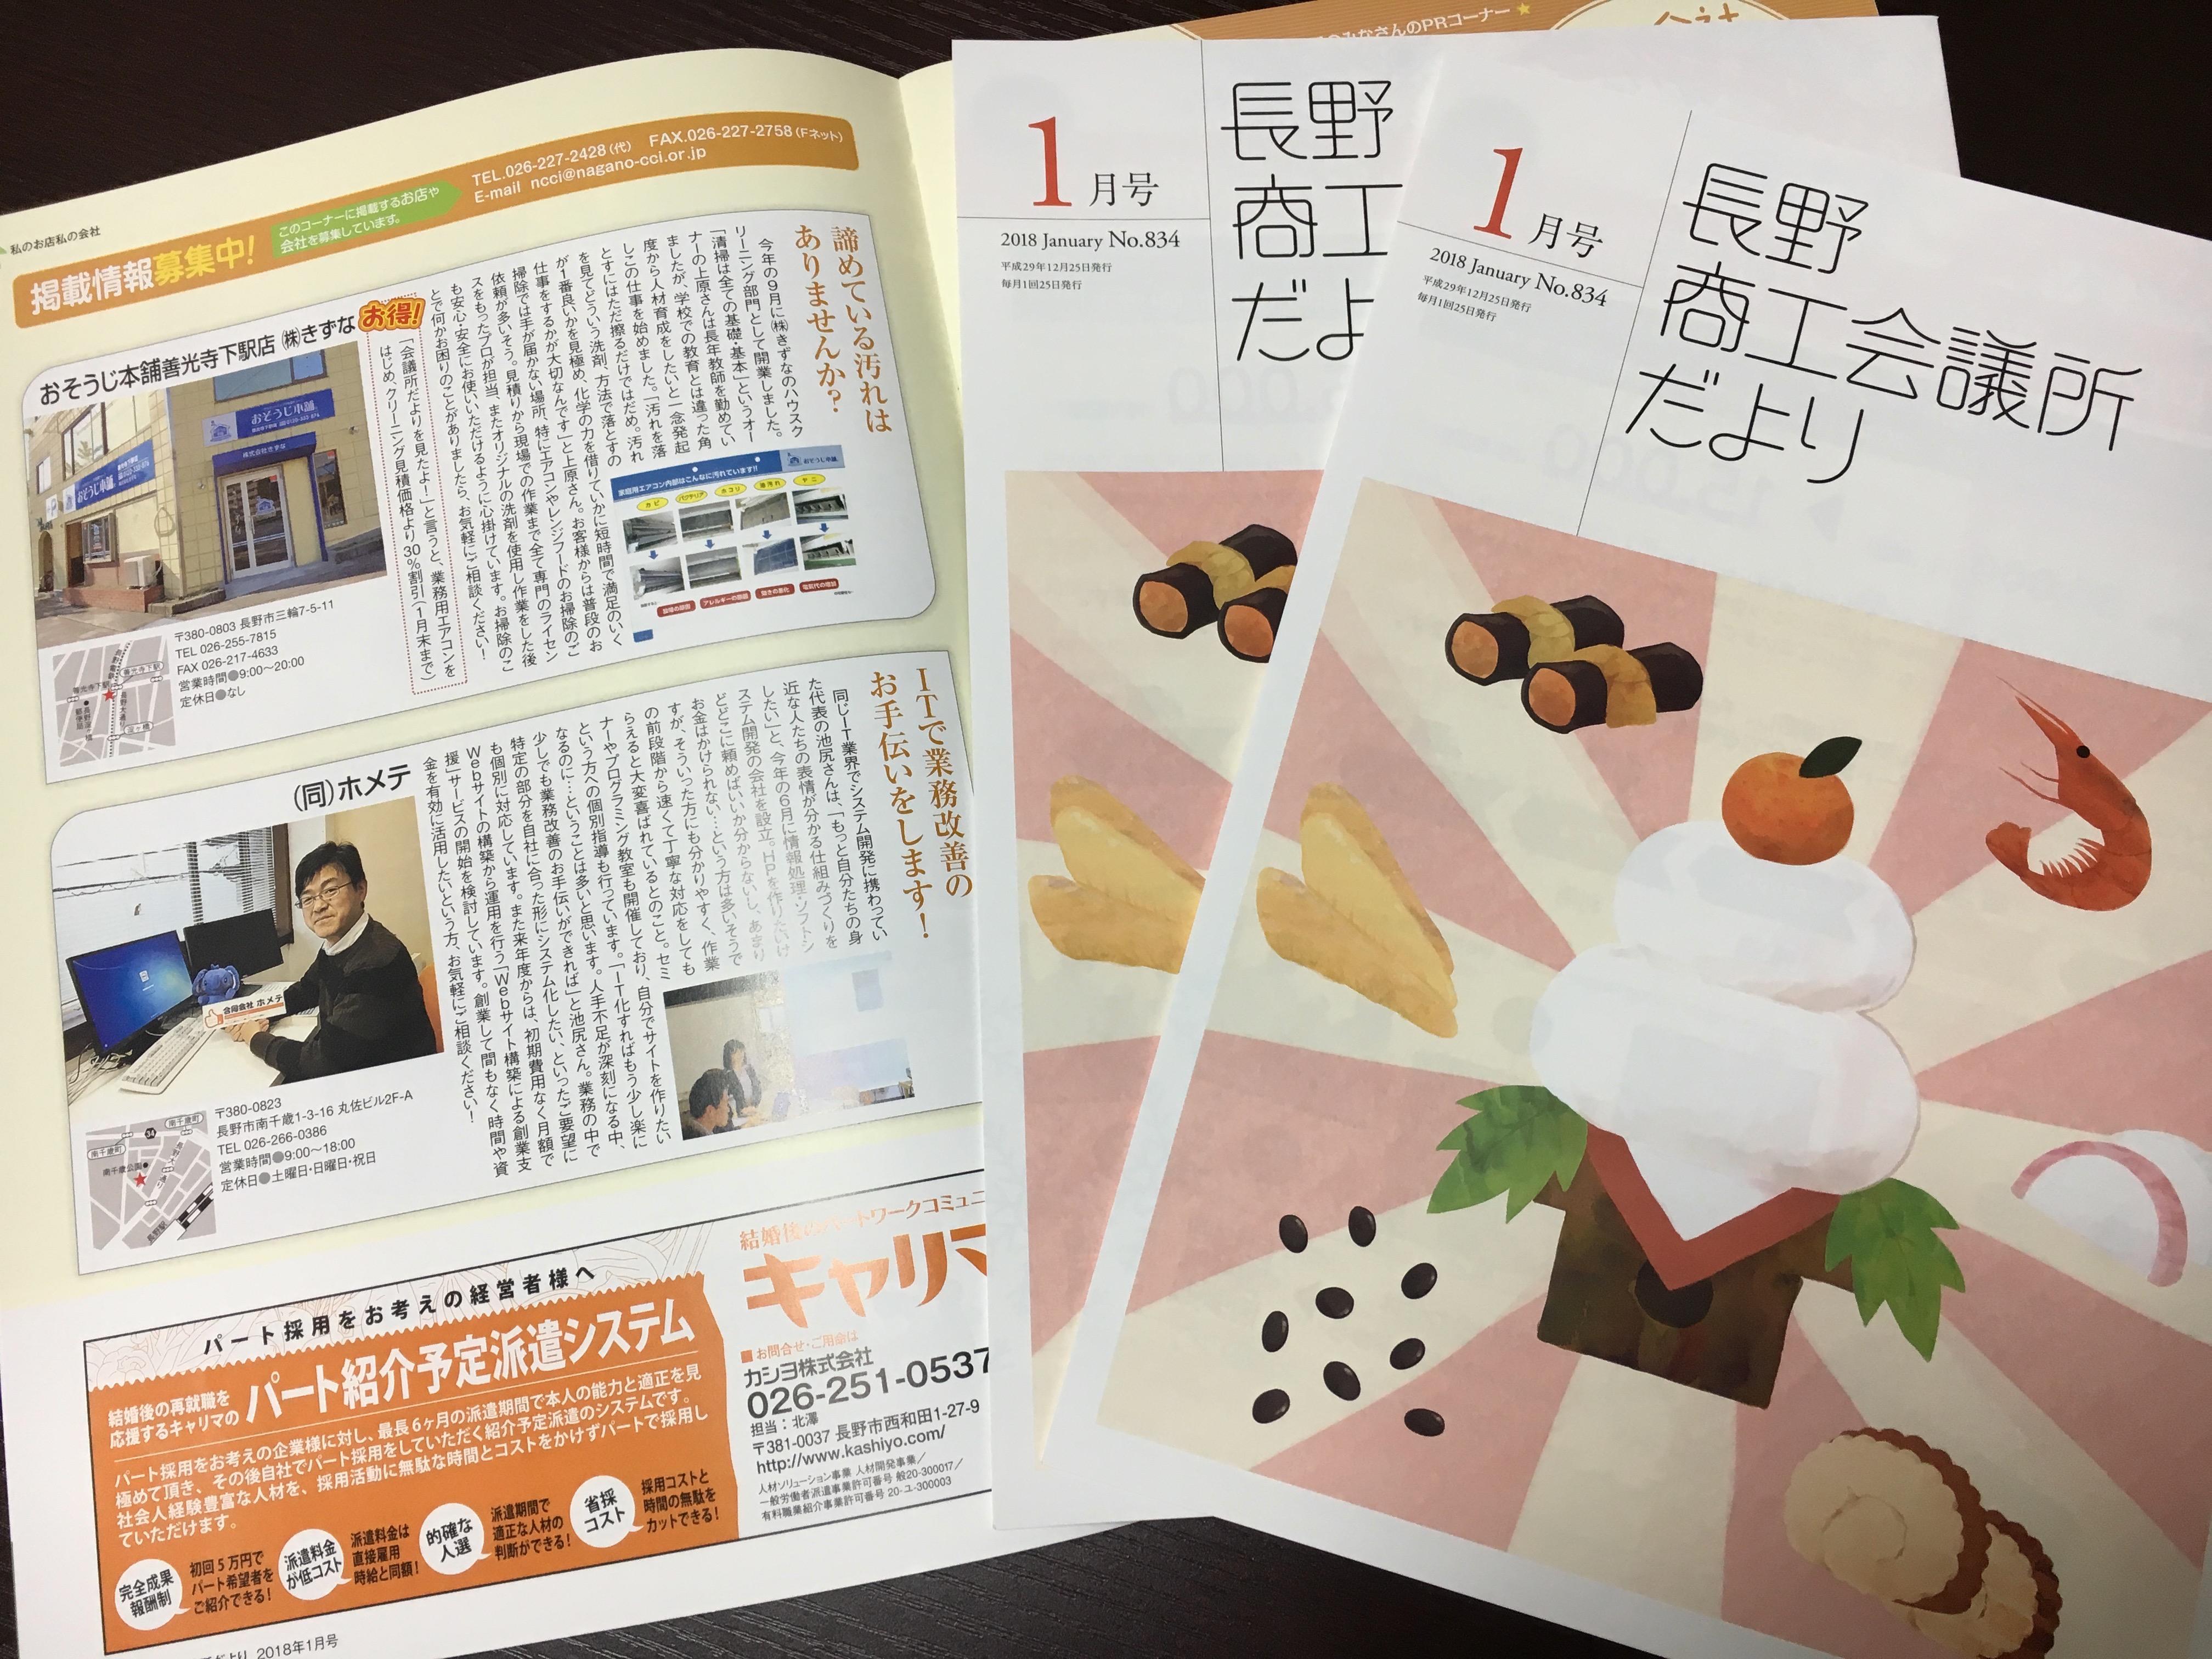 長野商工会議所だより1月号に掲載頂きました。